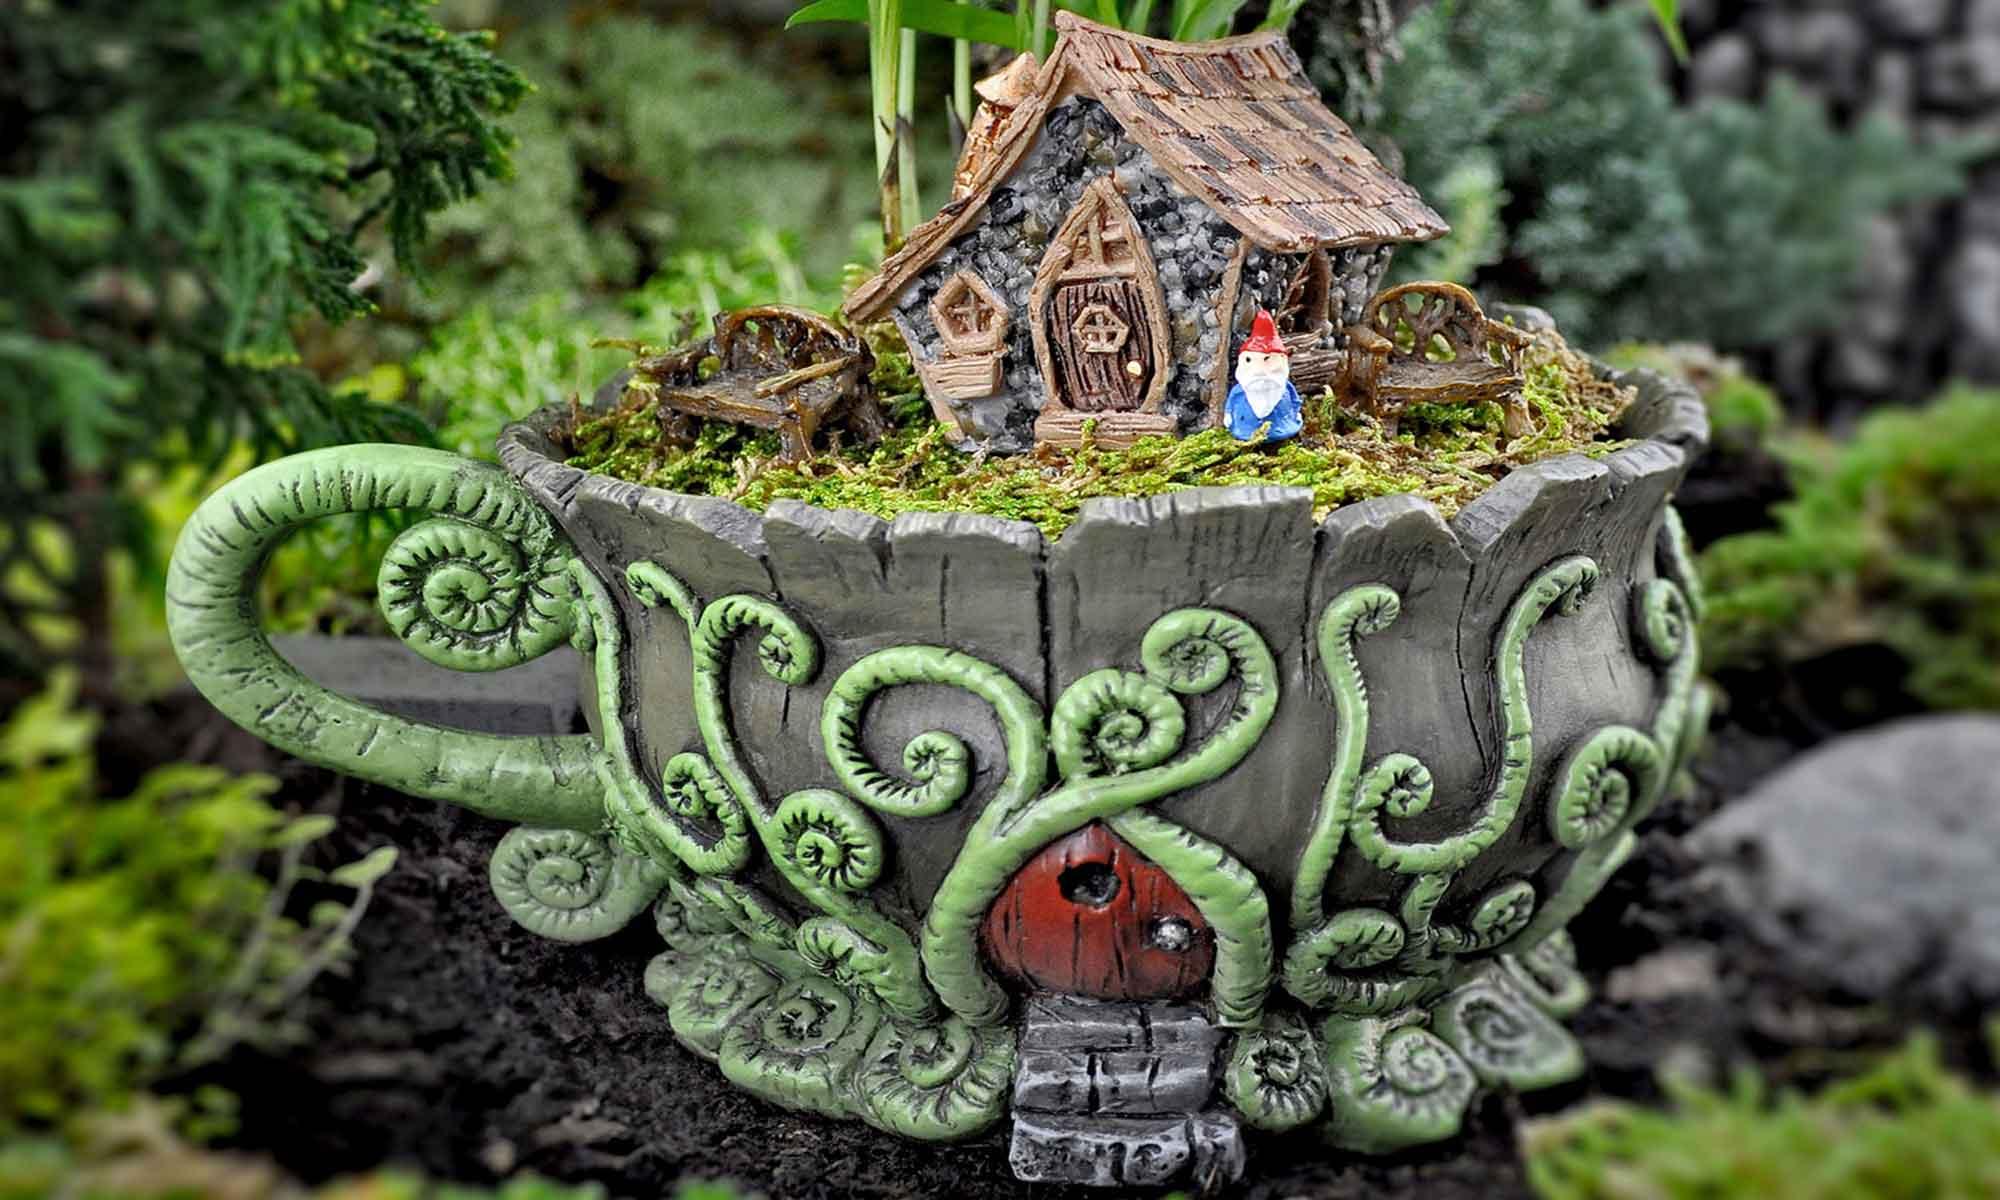 fairy garden teacup planter display